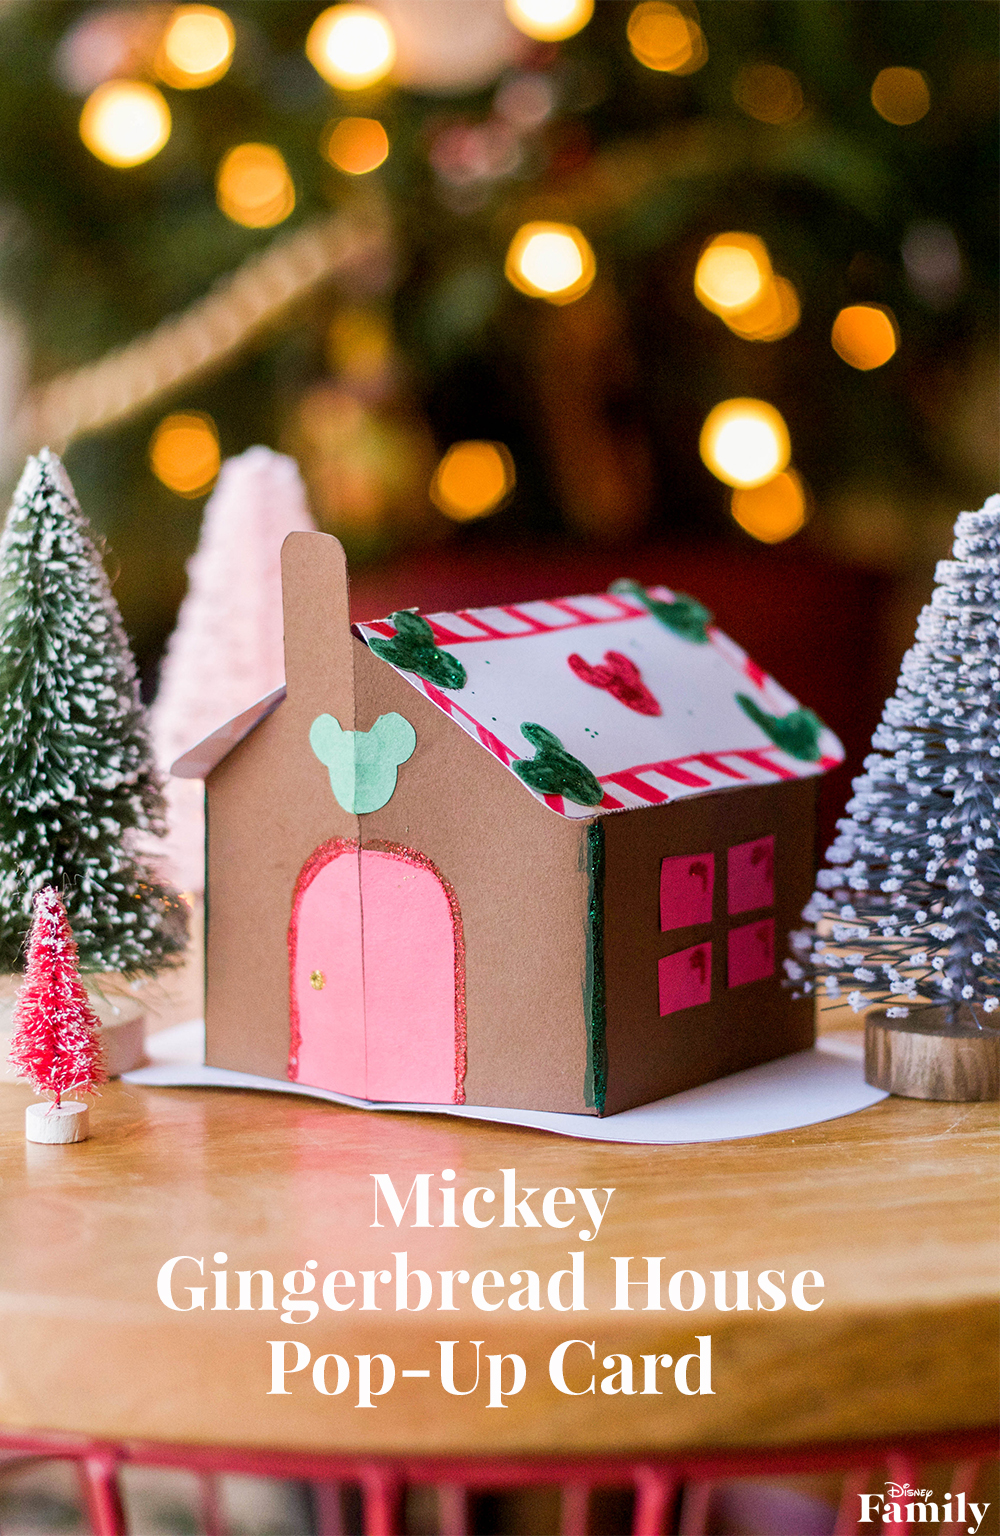 Crafts-Mickey-Pop-Up-Gingerbread-House-Matthew-Reinhart-PIN-3.jpg